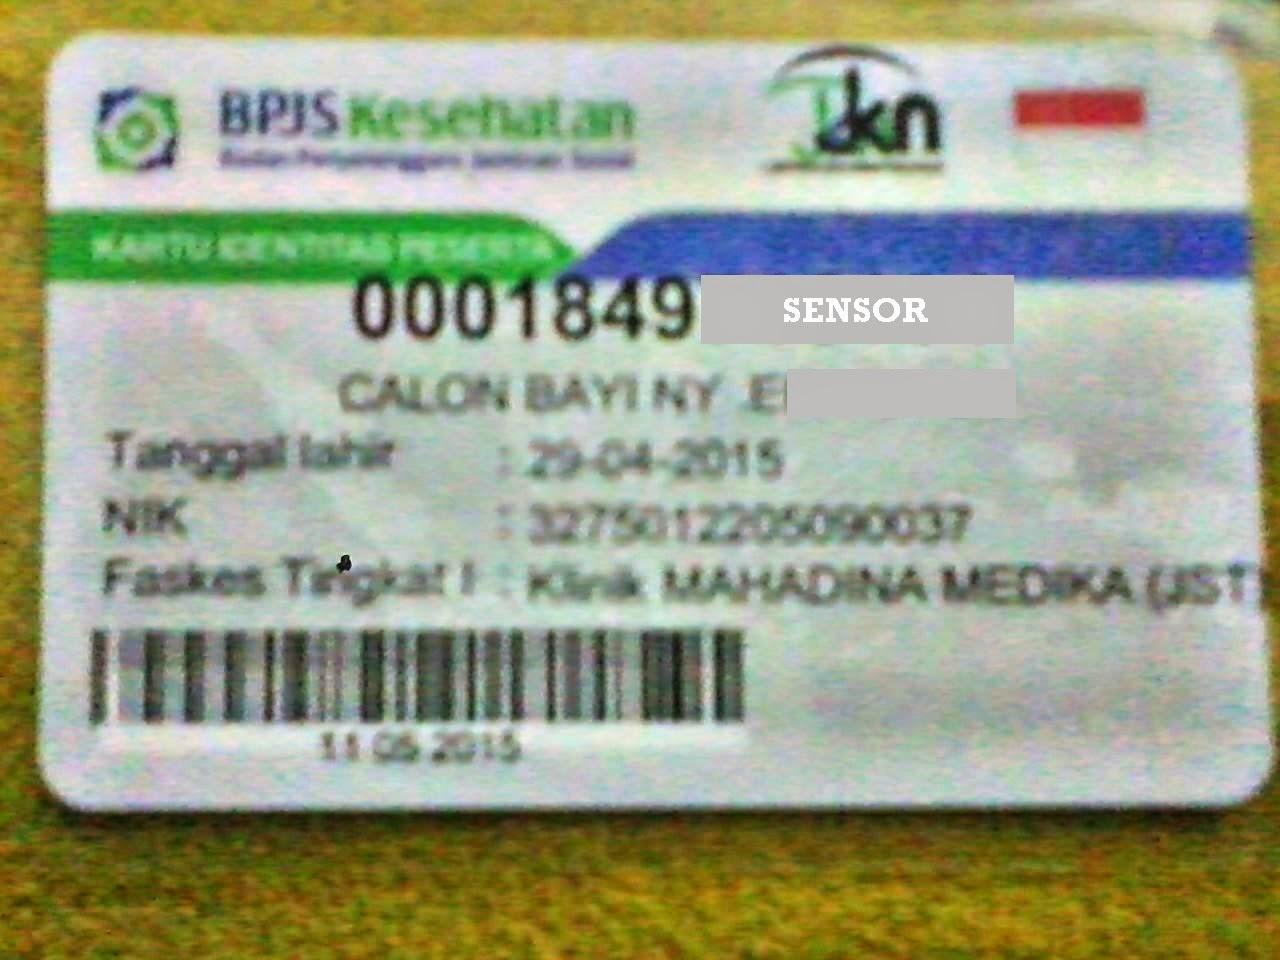 Image Result For Bpjs Kesehatan Calon Bayi